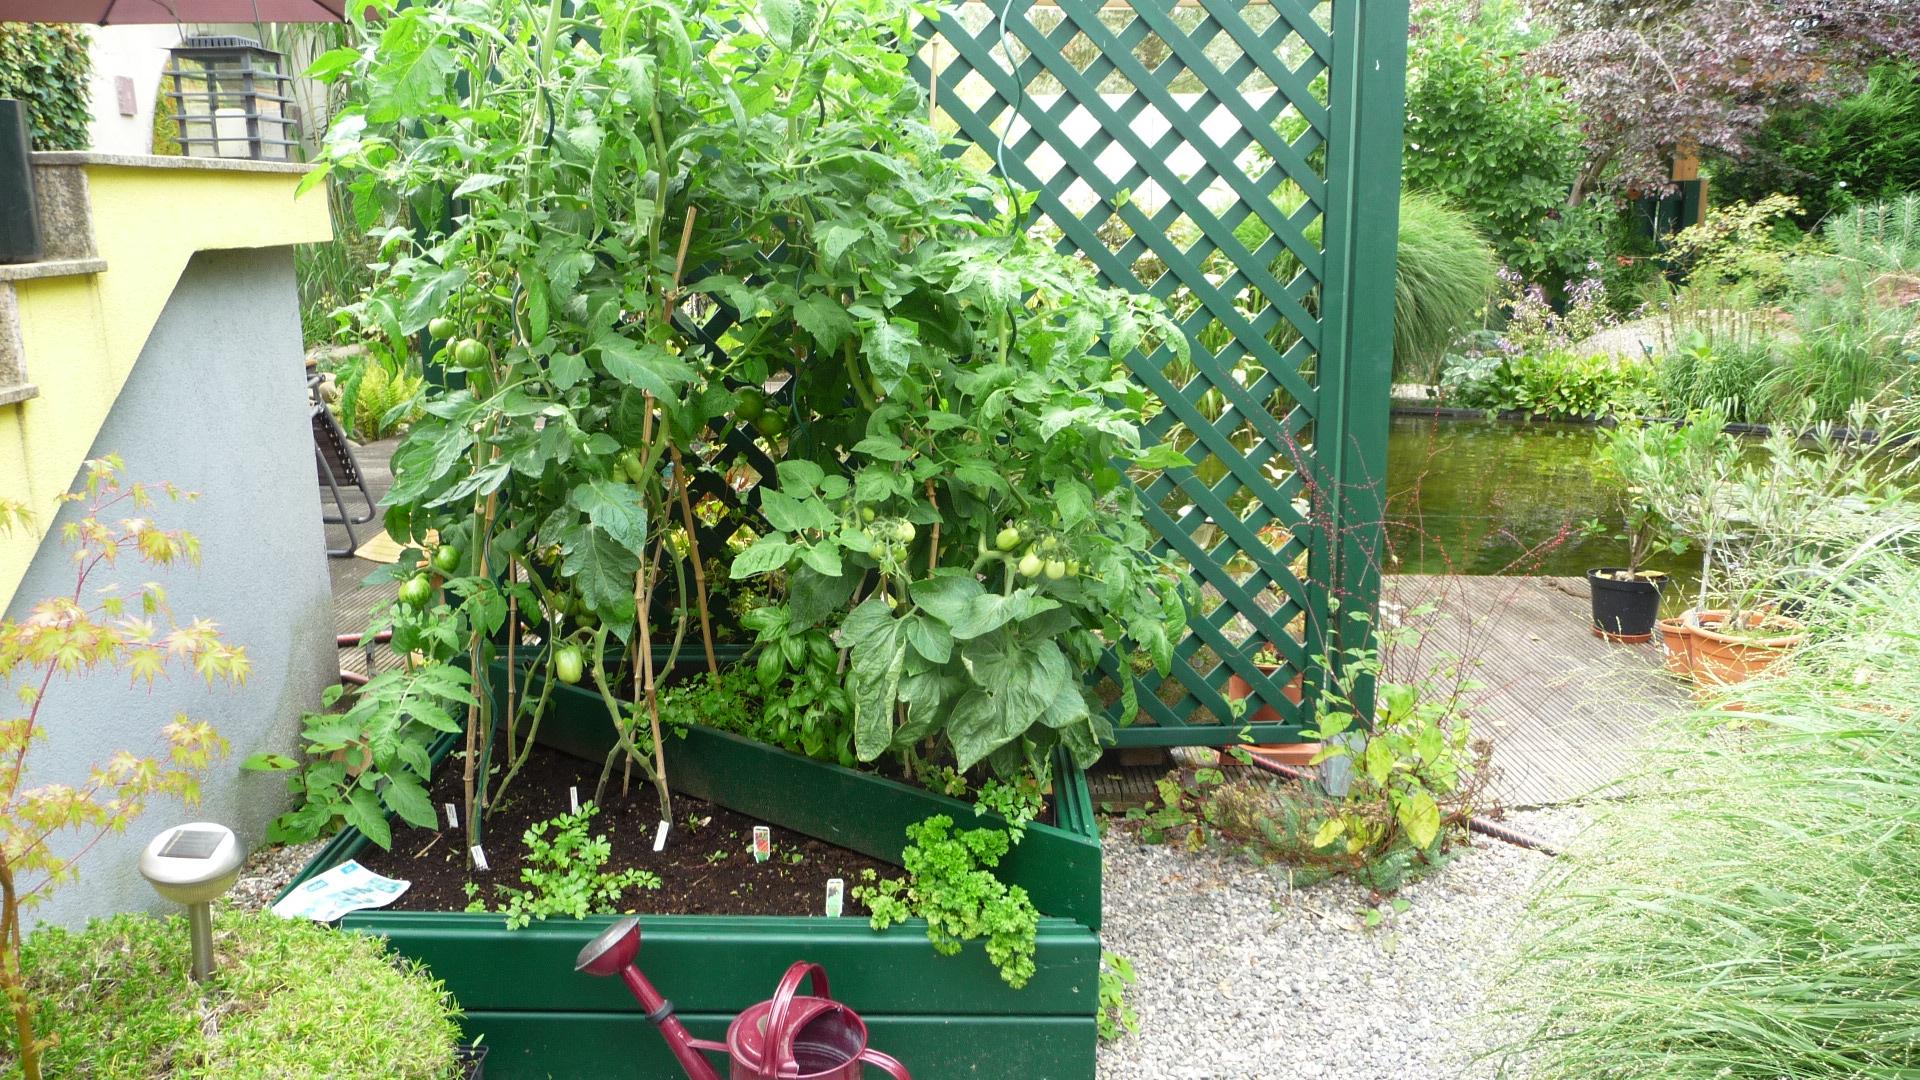 Nouveaut au jardin chez pia et alain - Petit jardin potager carre ...